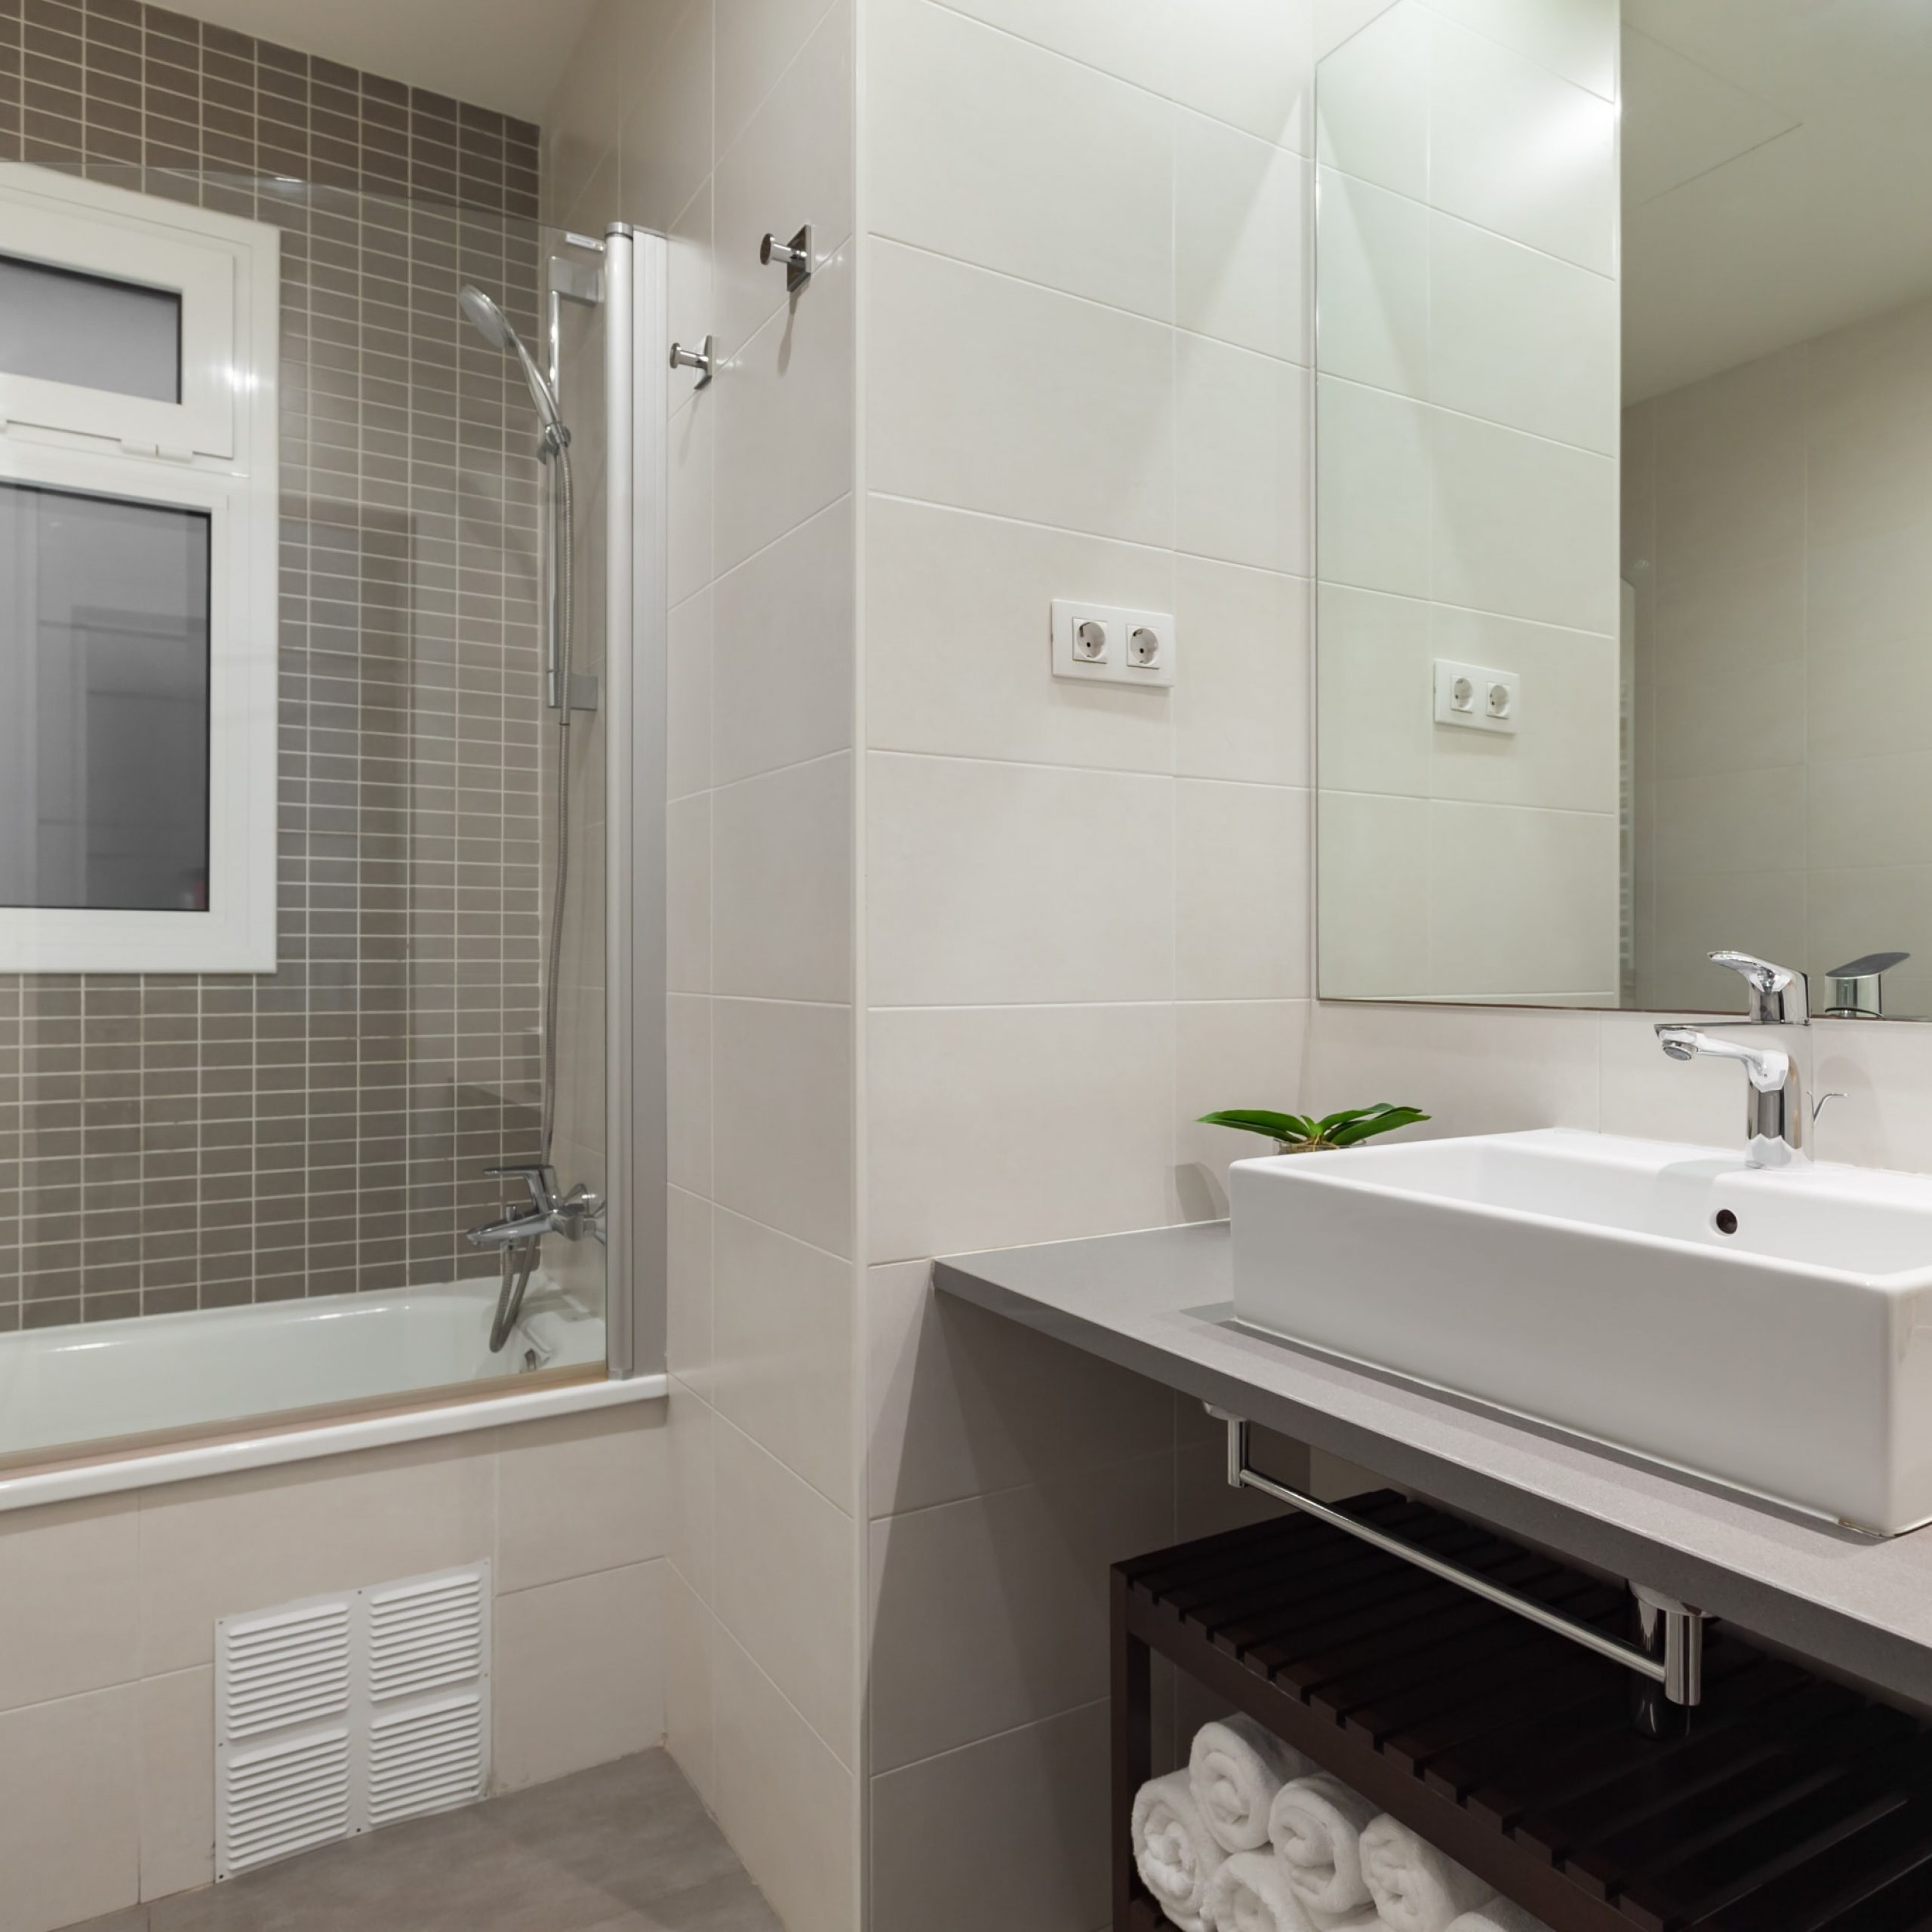 3 bedrooms luxury flat in Barcelona